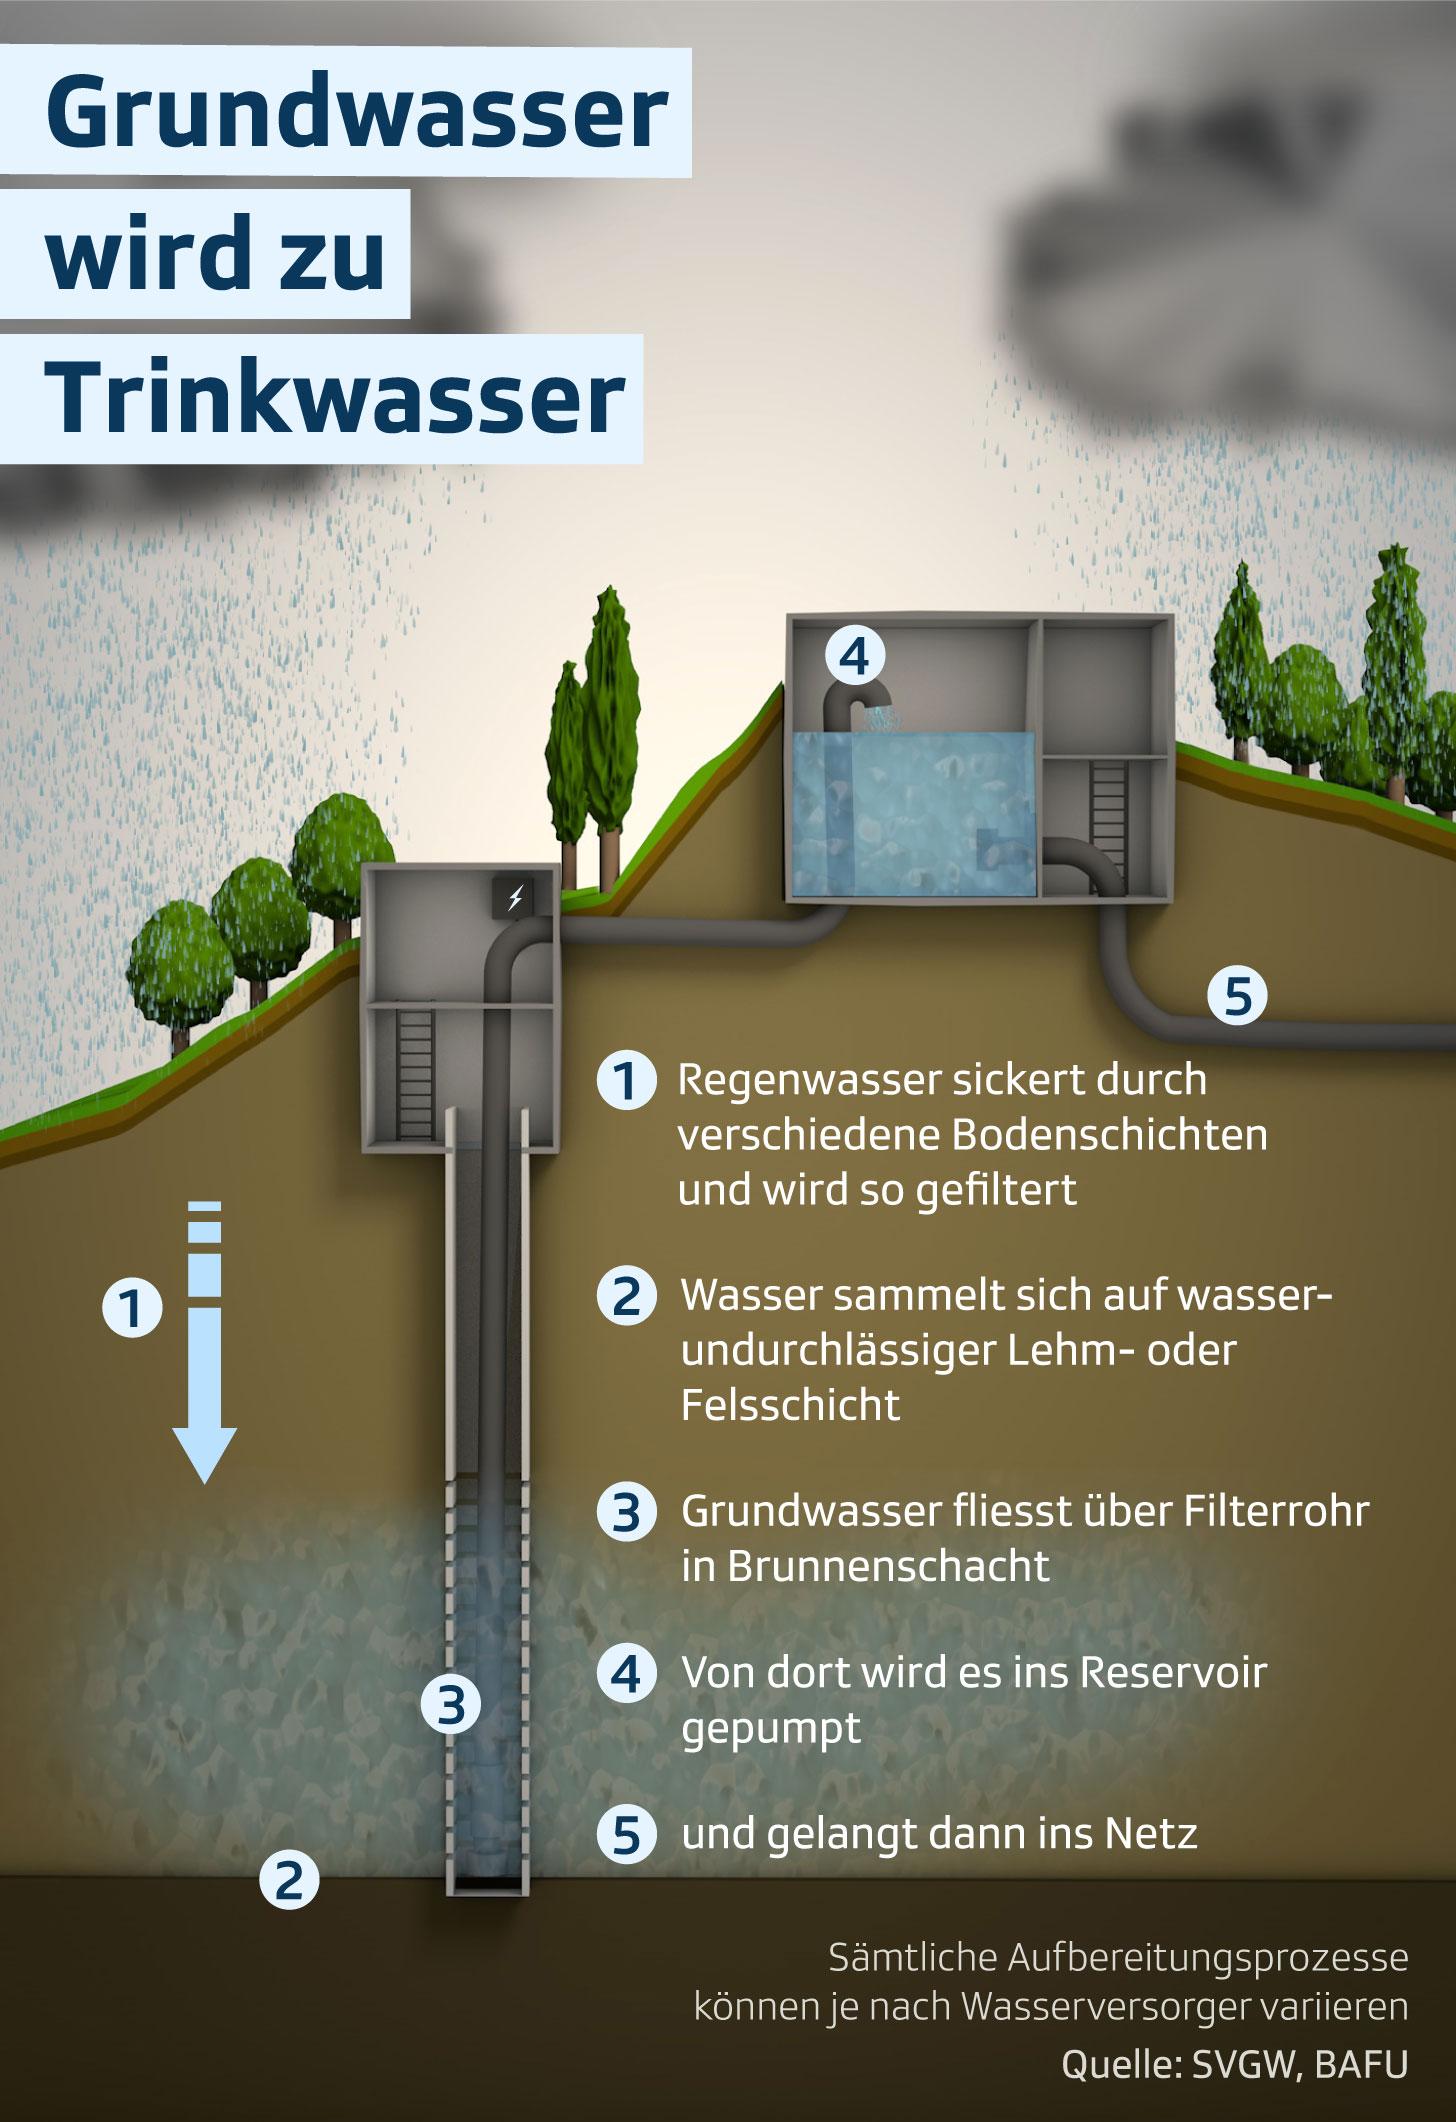 GrundwasserTrinkwasser